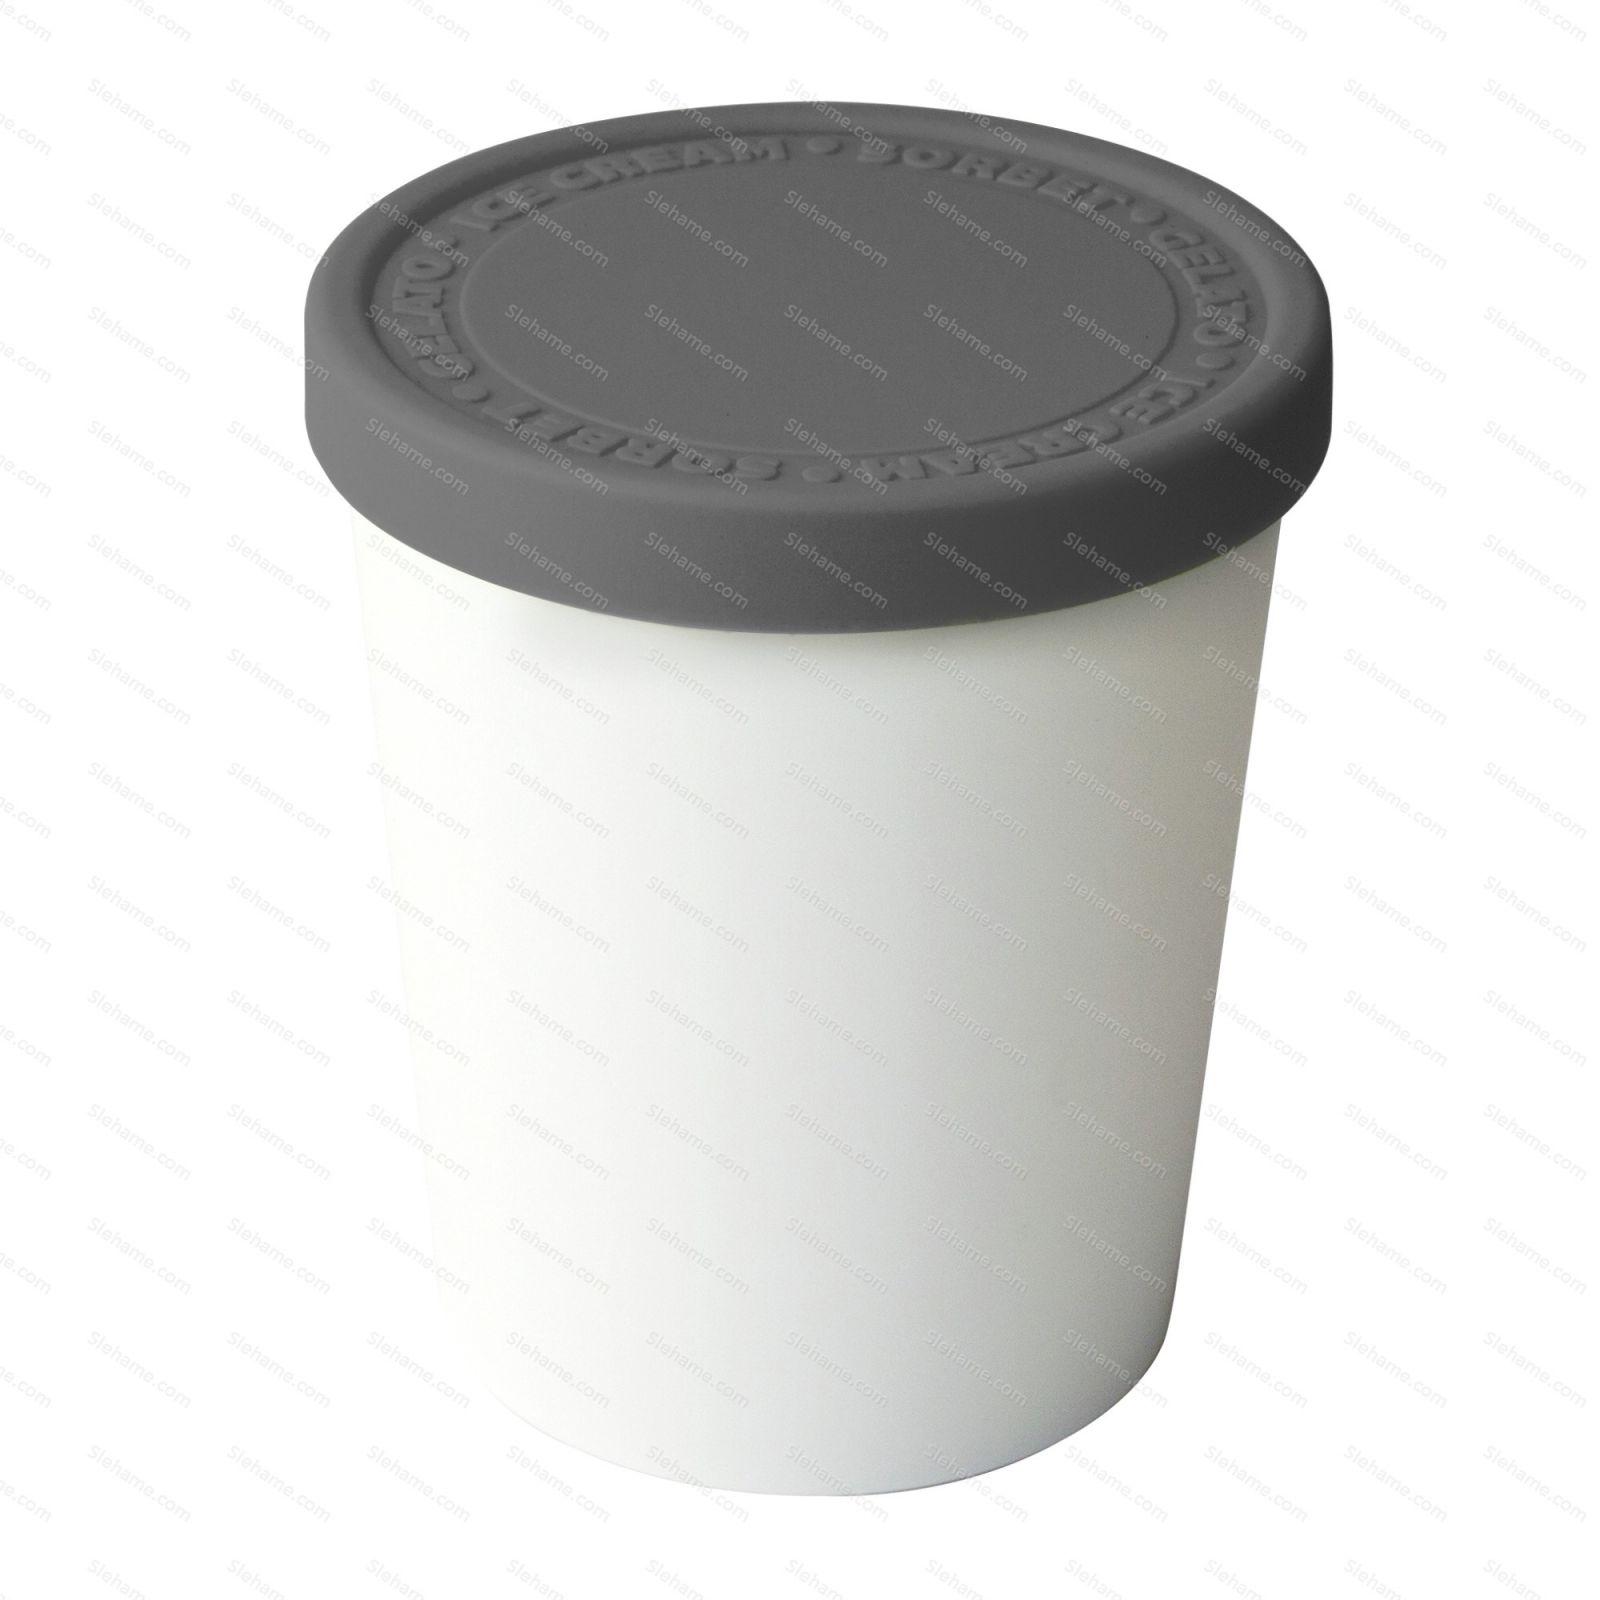 Kelímek na zmrzlinu Tovolo SWEET TREAT 1.0 l, tmavě šedý